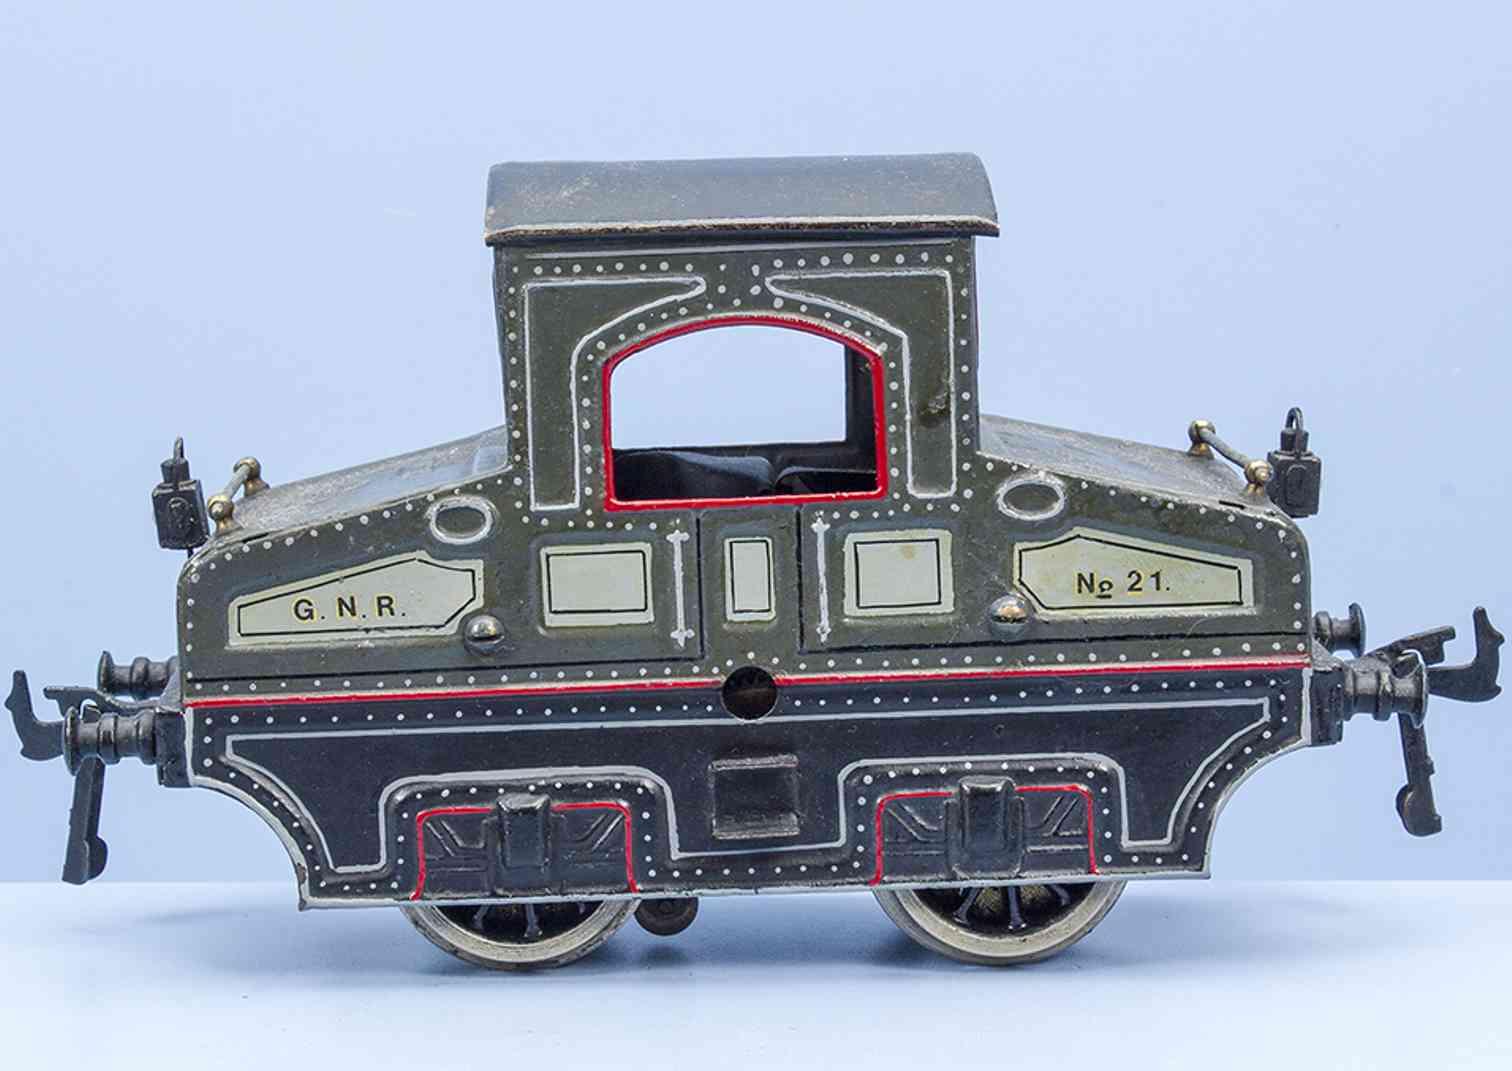 bing 181/531 spielzeug eisenbahn vollbahnlokomotive spur 1